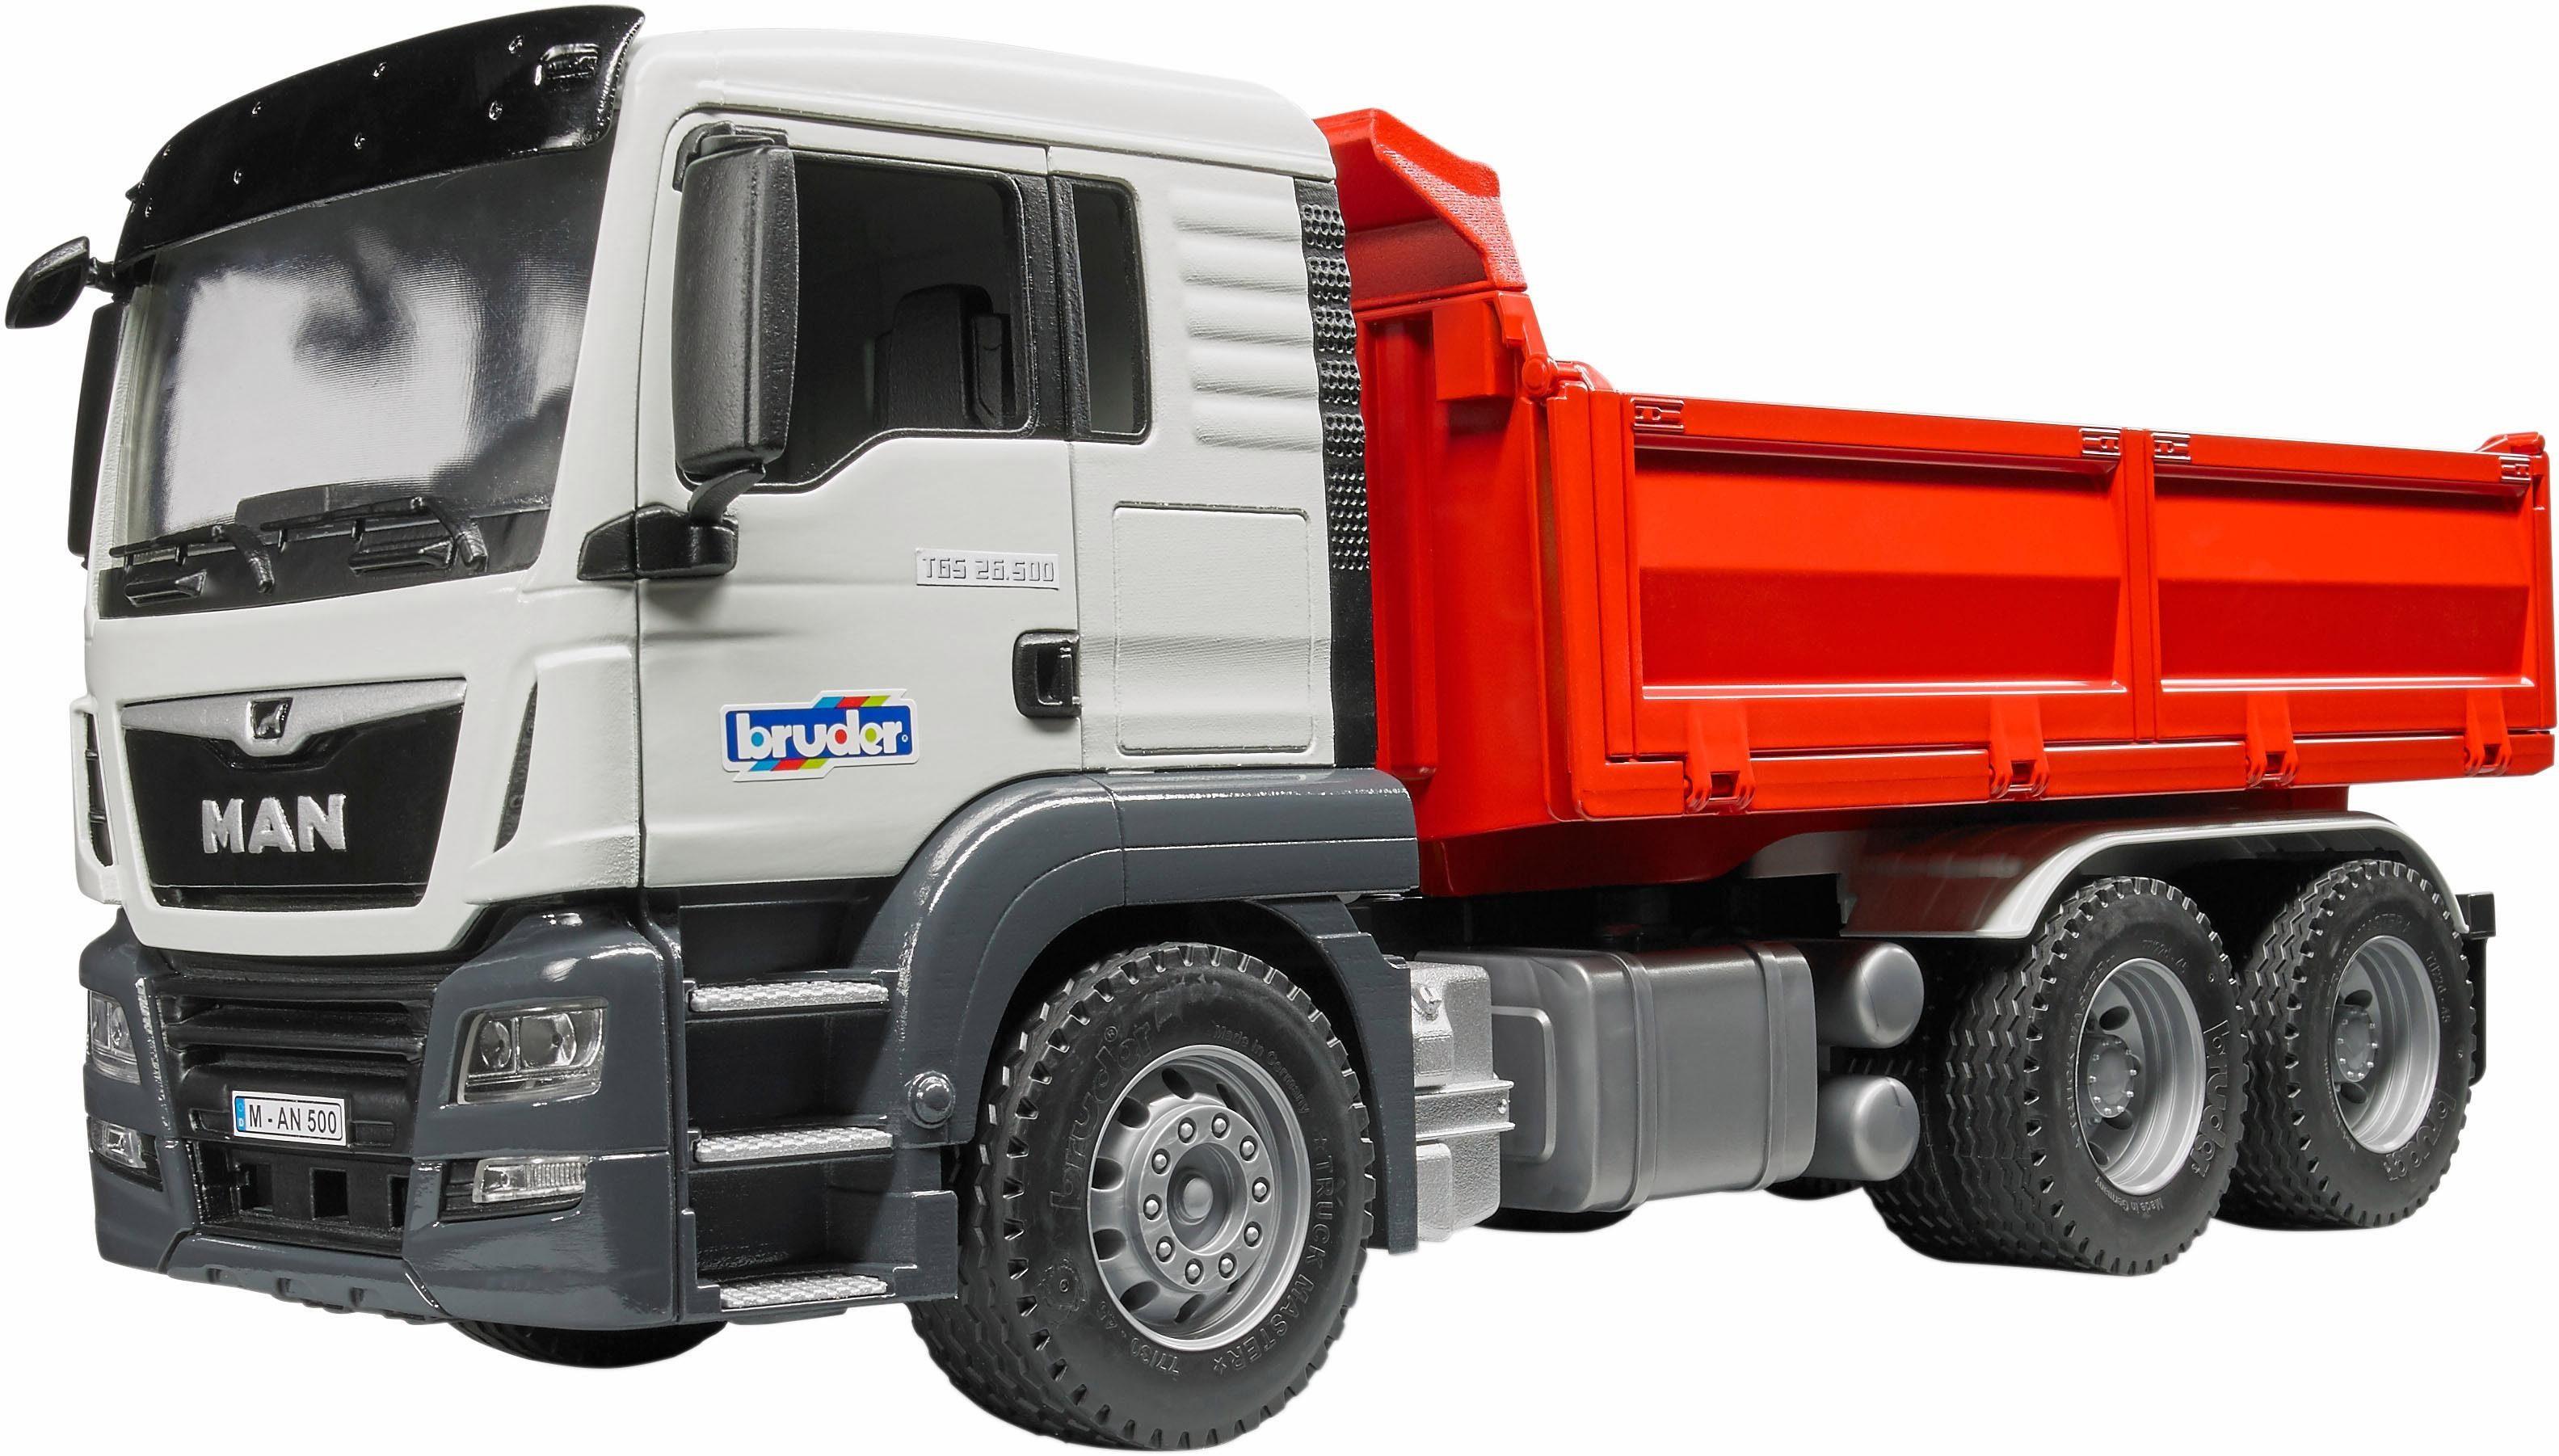 bruder® Spielzeug LKW 3765, »MAN TGS Kipp LKW mit Ladebordwänden, 1:16«